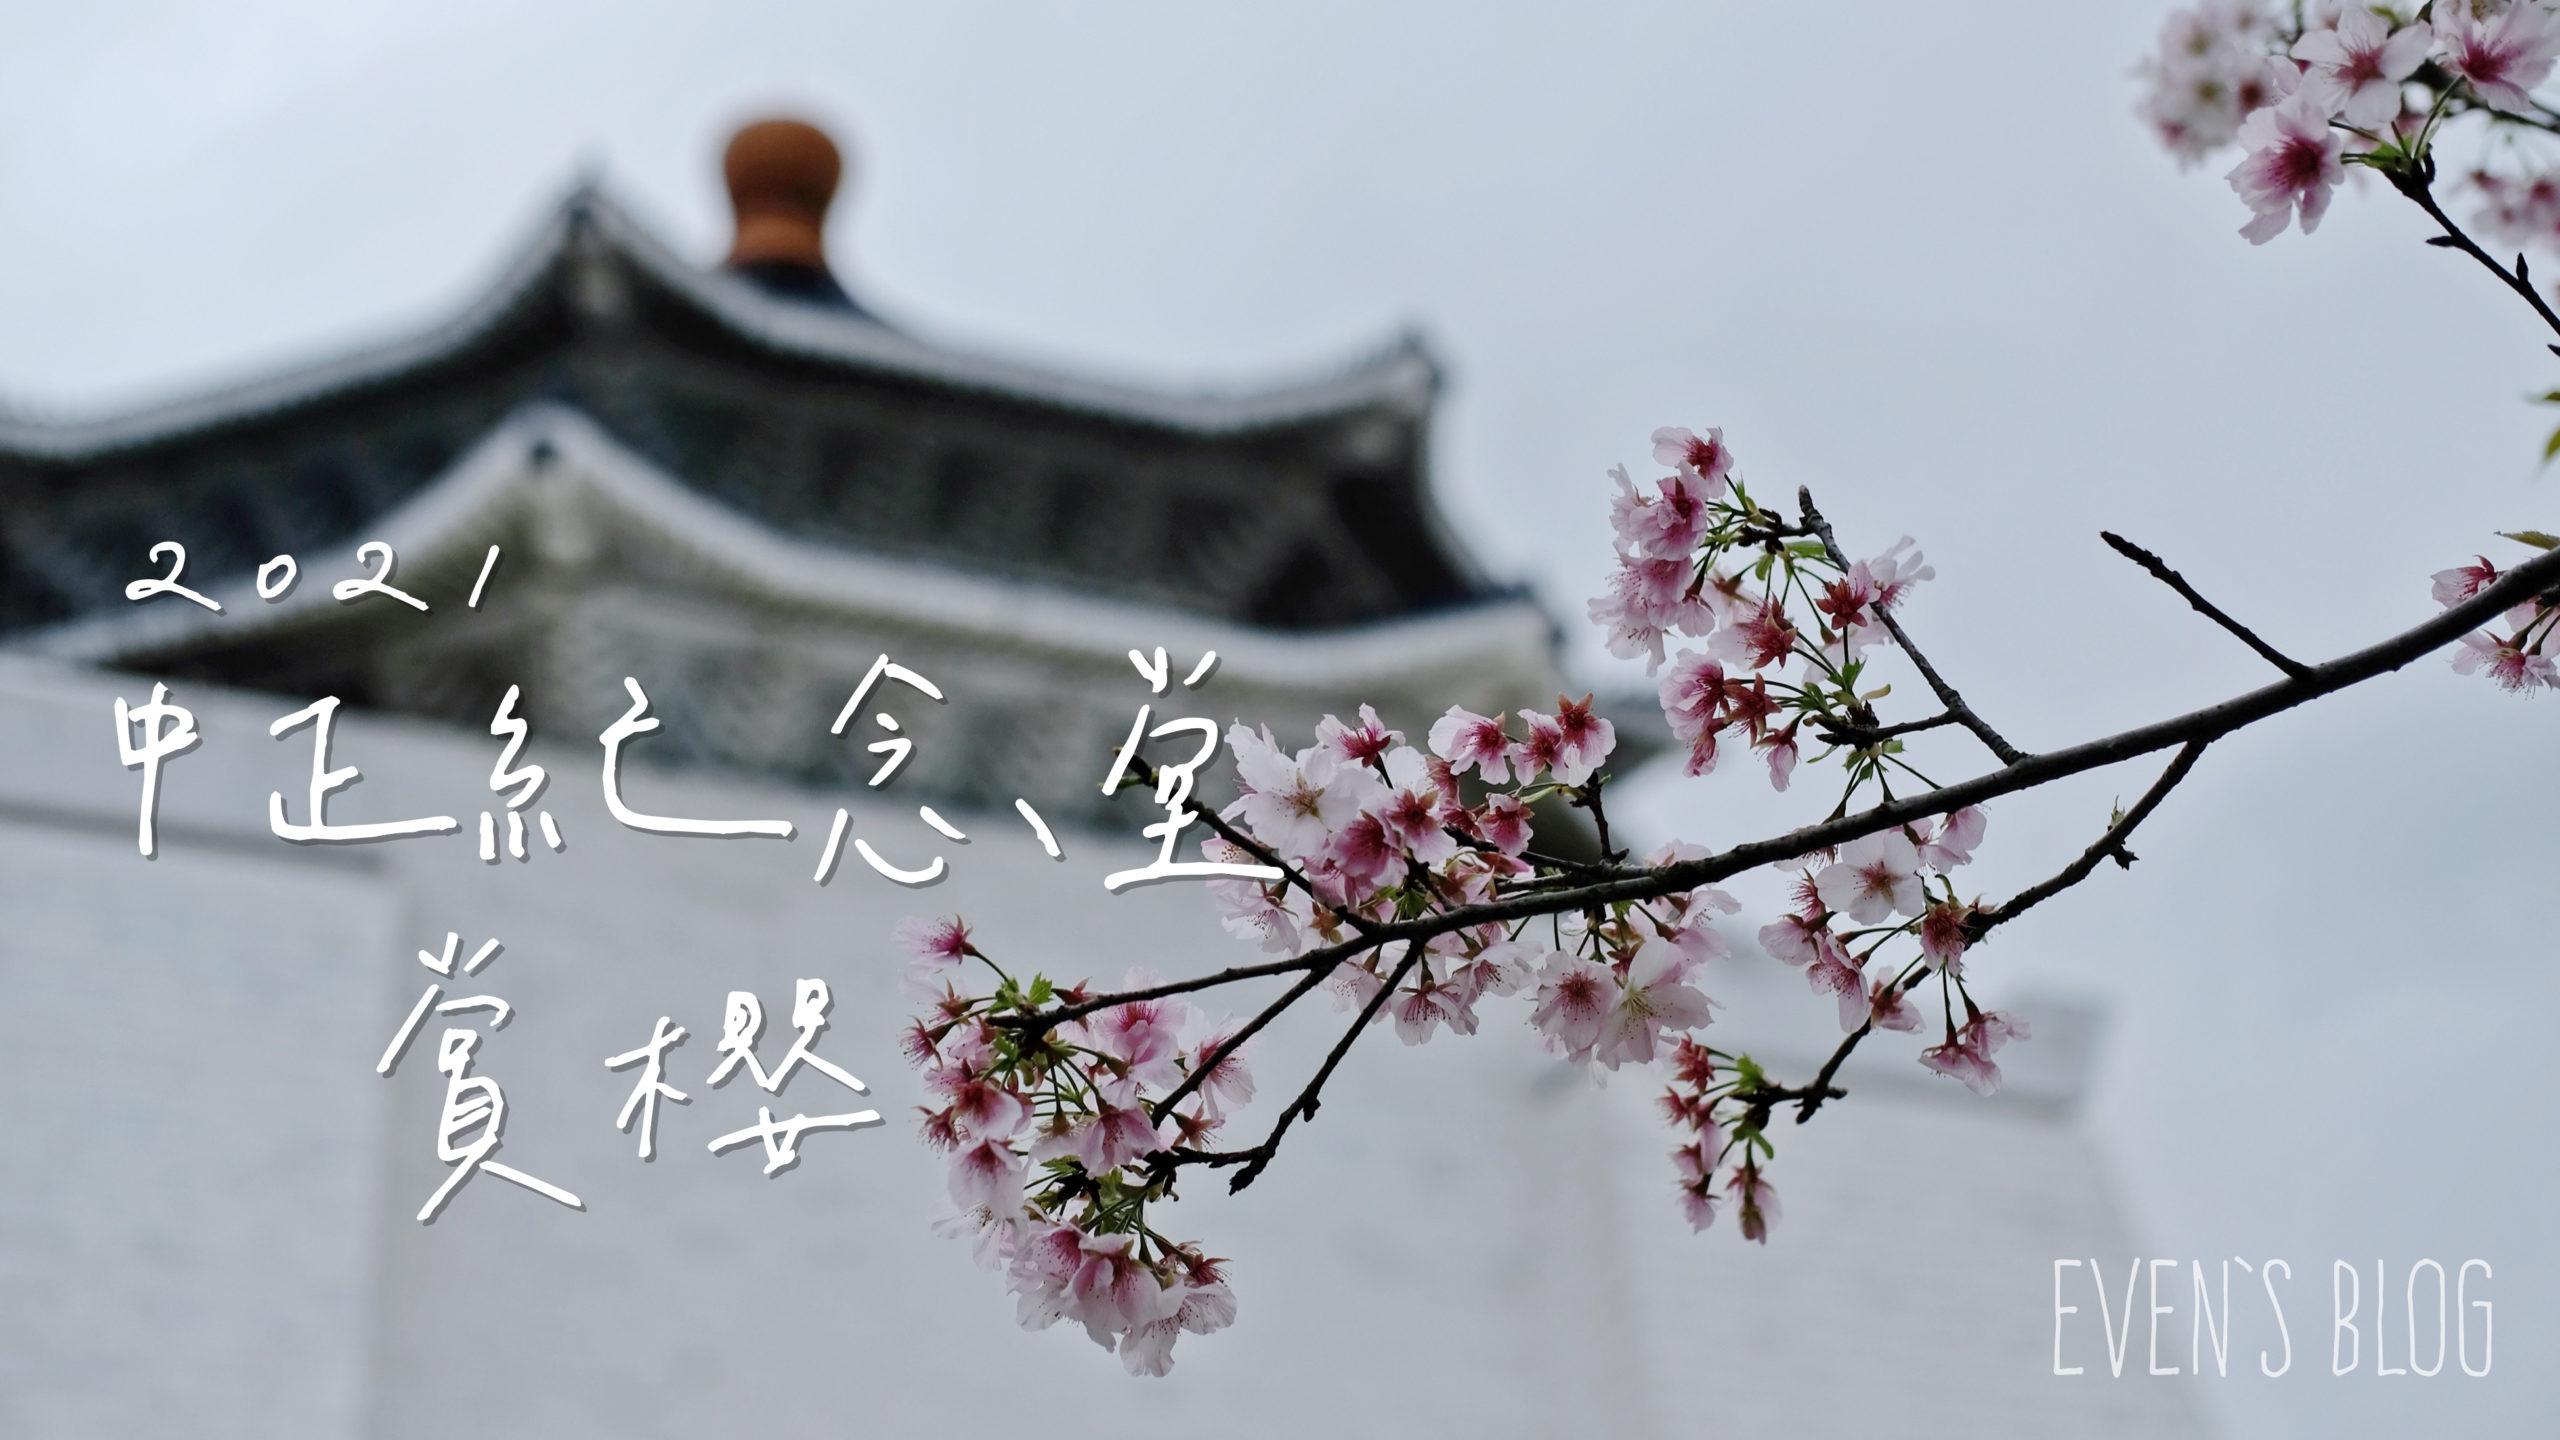 中正紀念堂櫻花, 台北櫻花, 台北賞櫻, 櫻花季